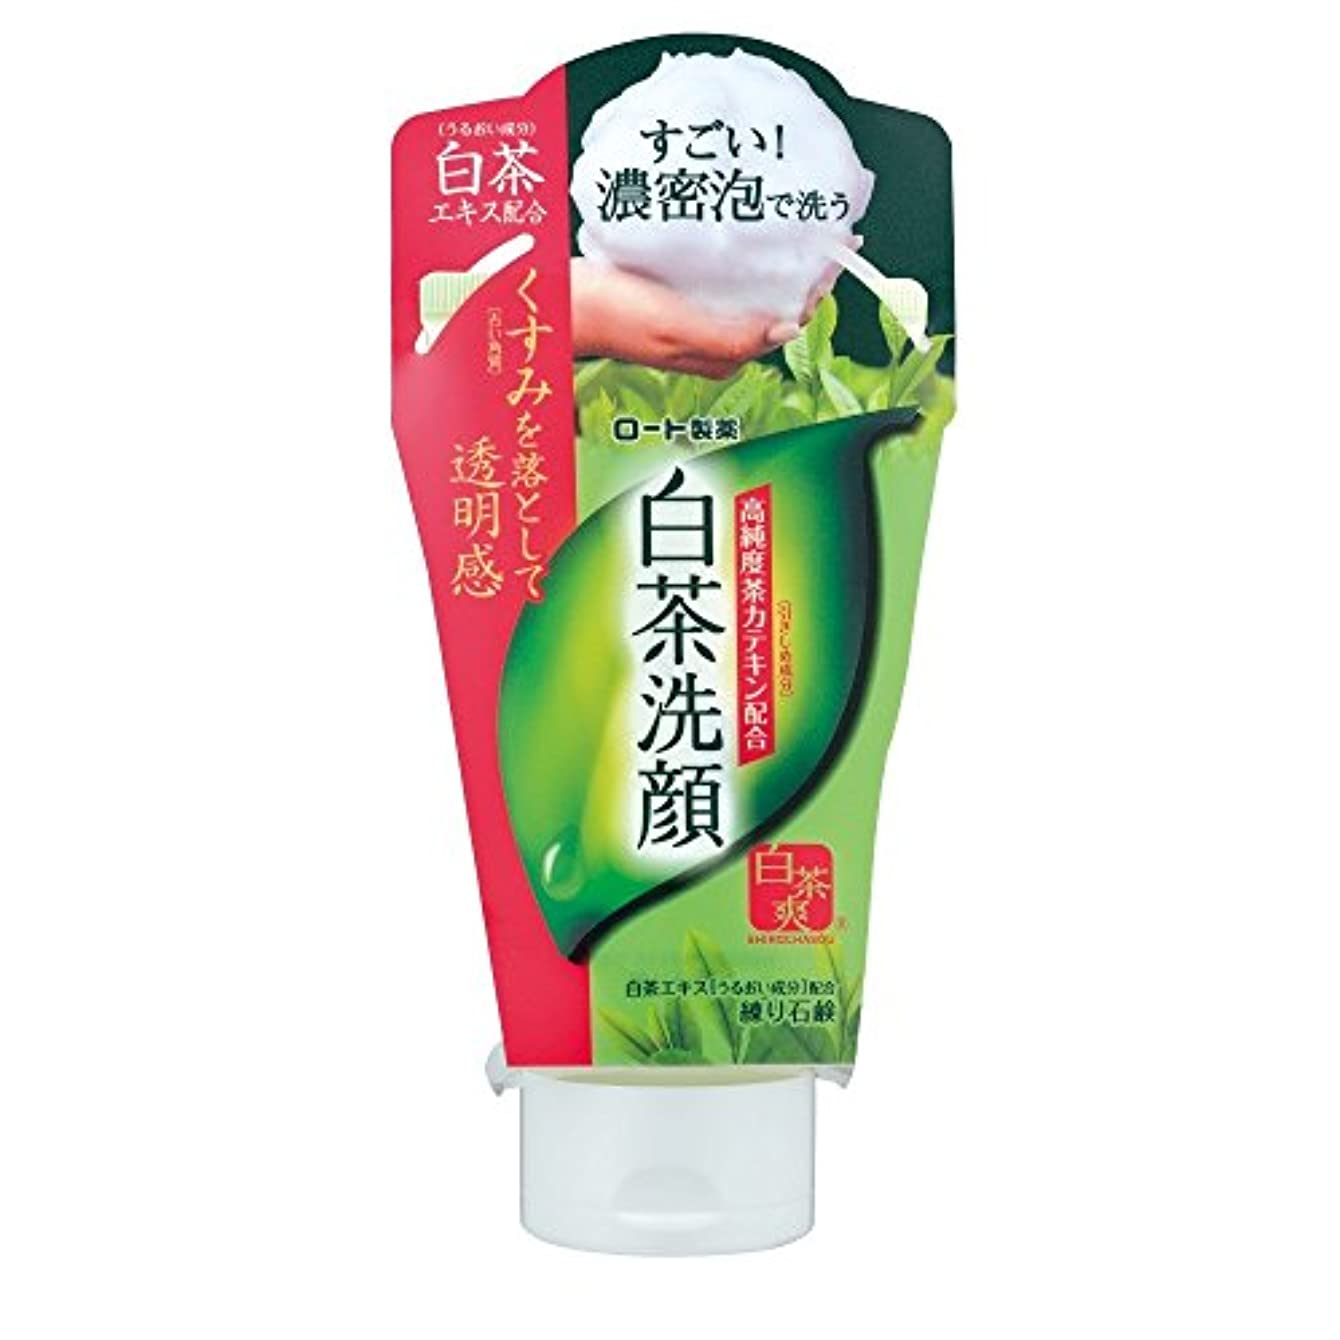 ジャンク削る用心白茶爽 白茶練り石鹸 120g